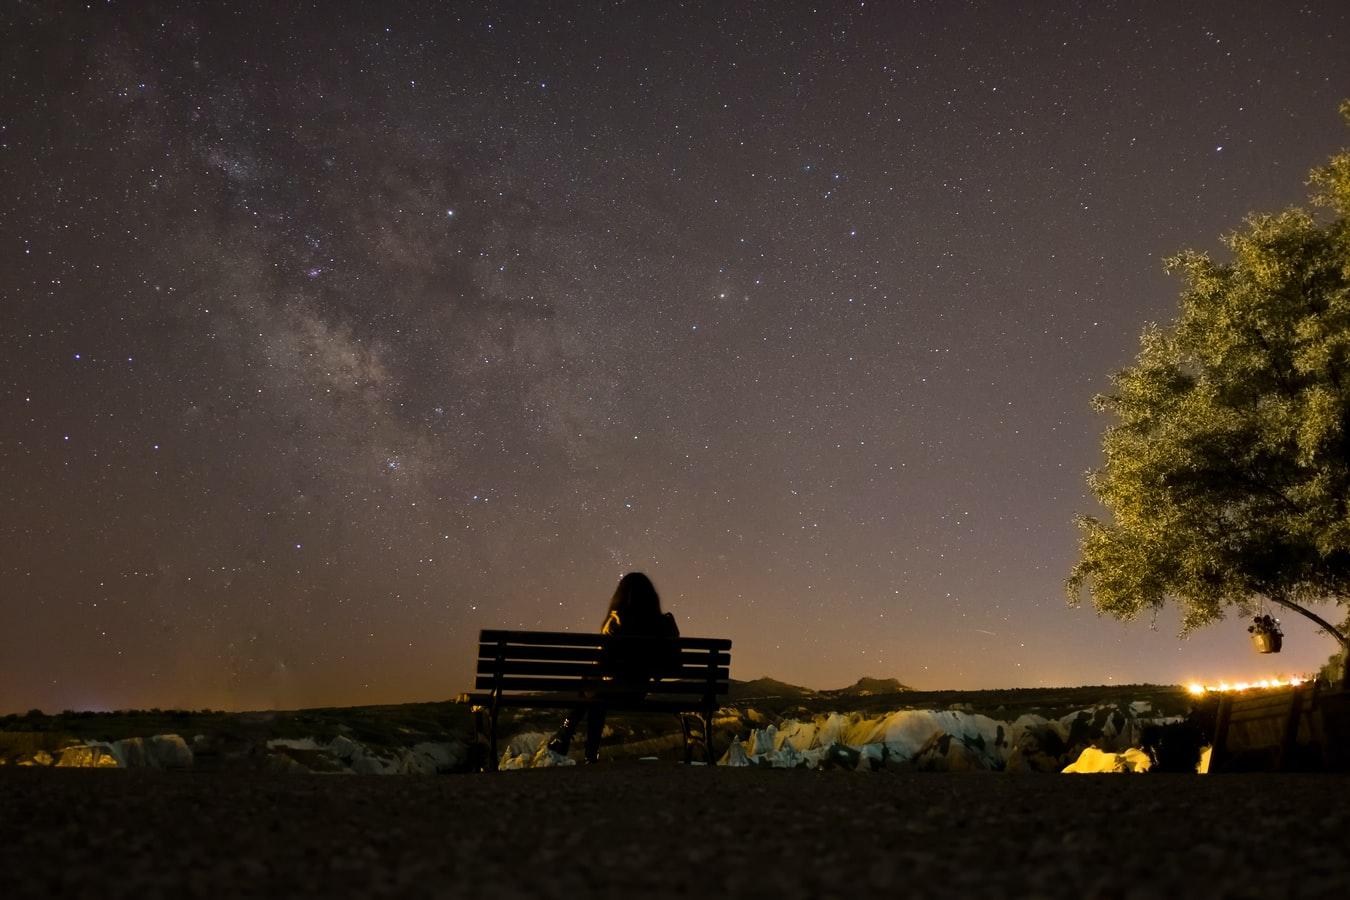 晴れた夜は星を眺めてみる―天体望遠鏡なしのライトな天体観測